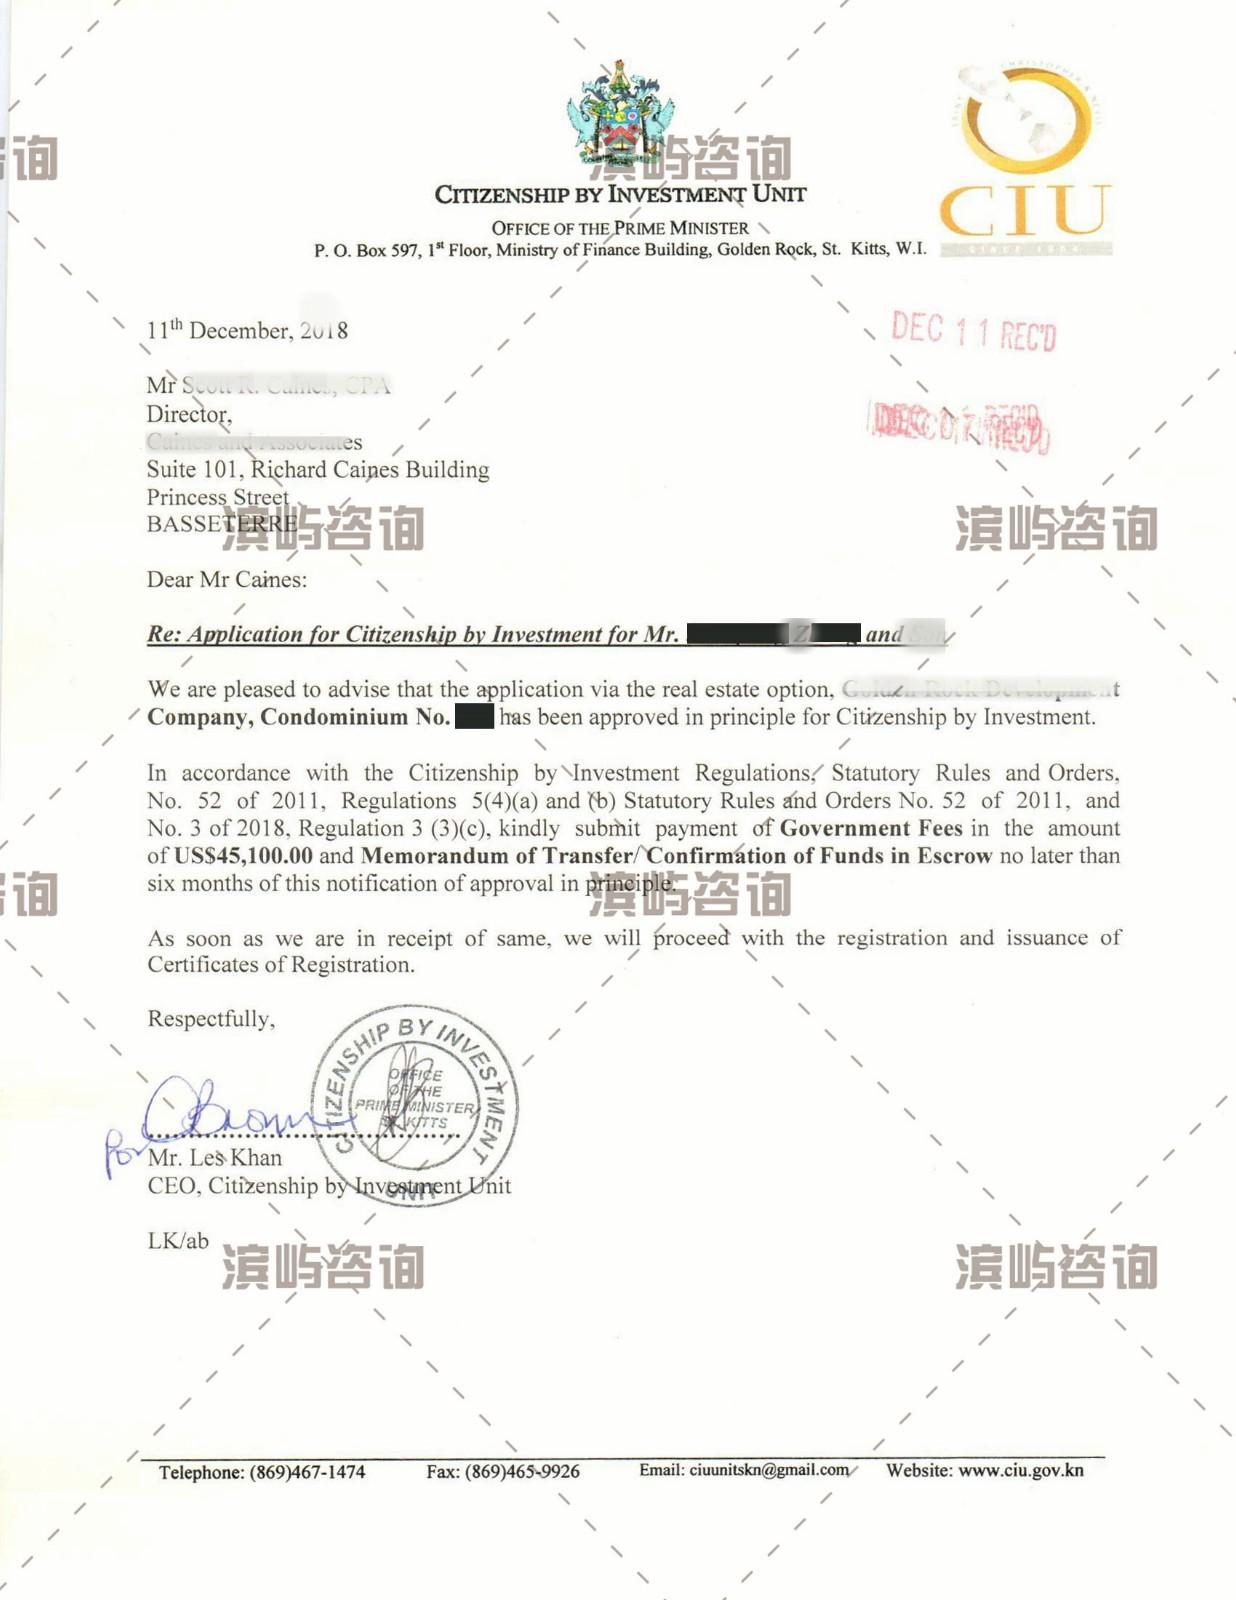 圣基茨购房移民成功案例-批准信